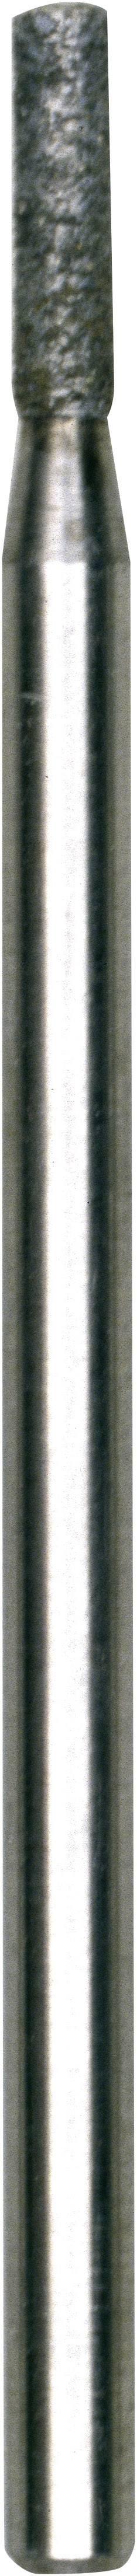 Diamantová brousící telíska